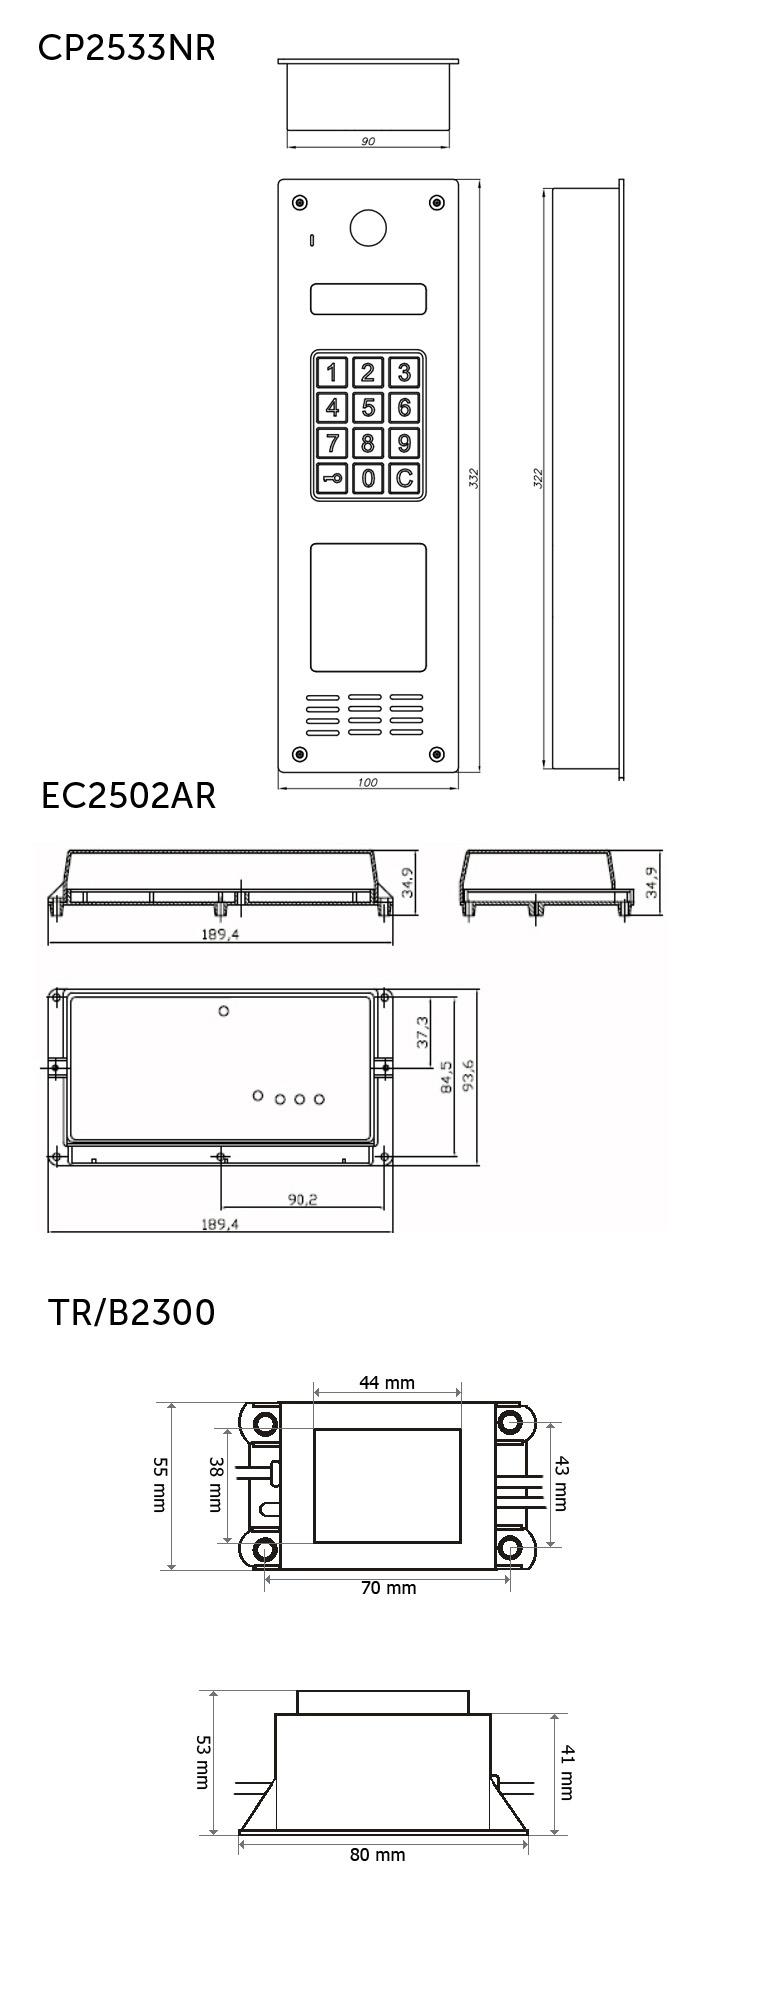 CD2533NR - Wymiary panelu, elektroniki i zasilacza.